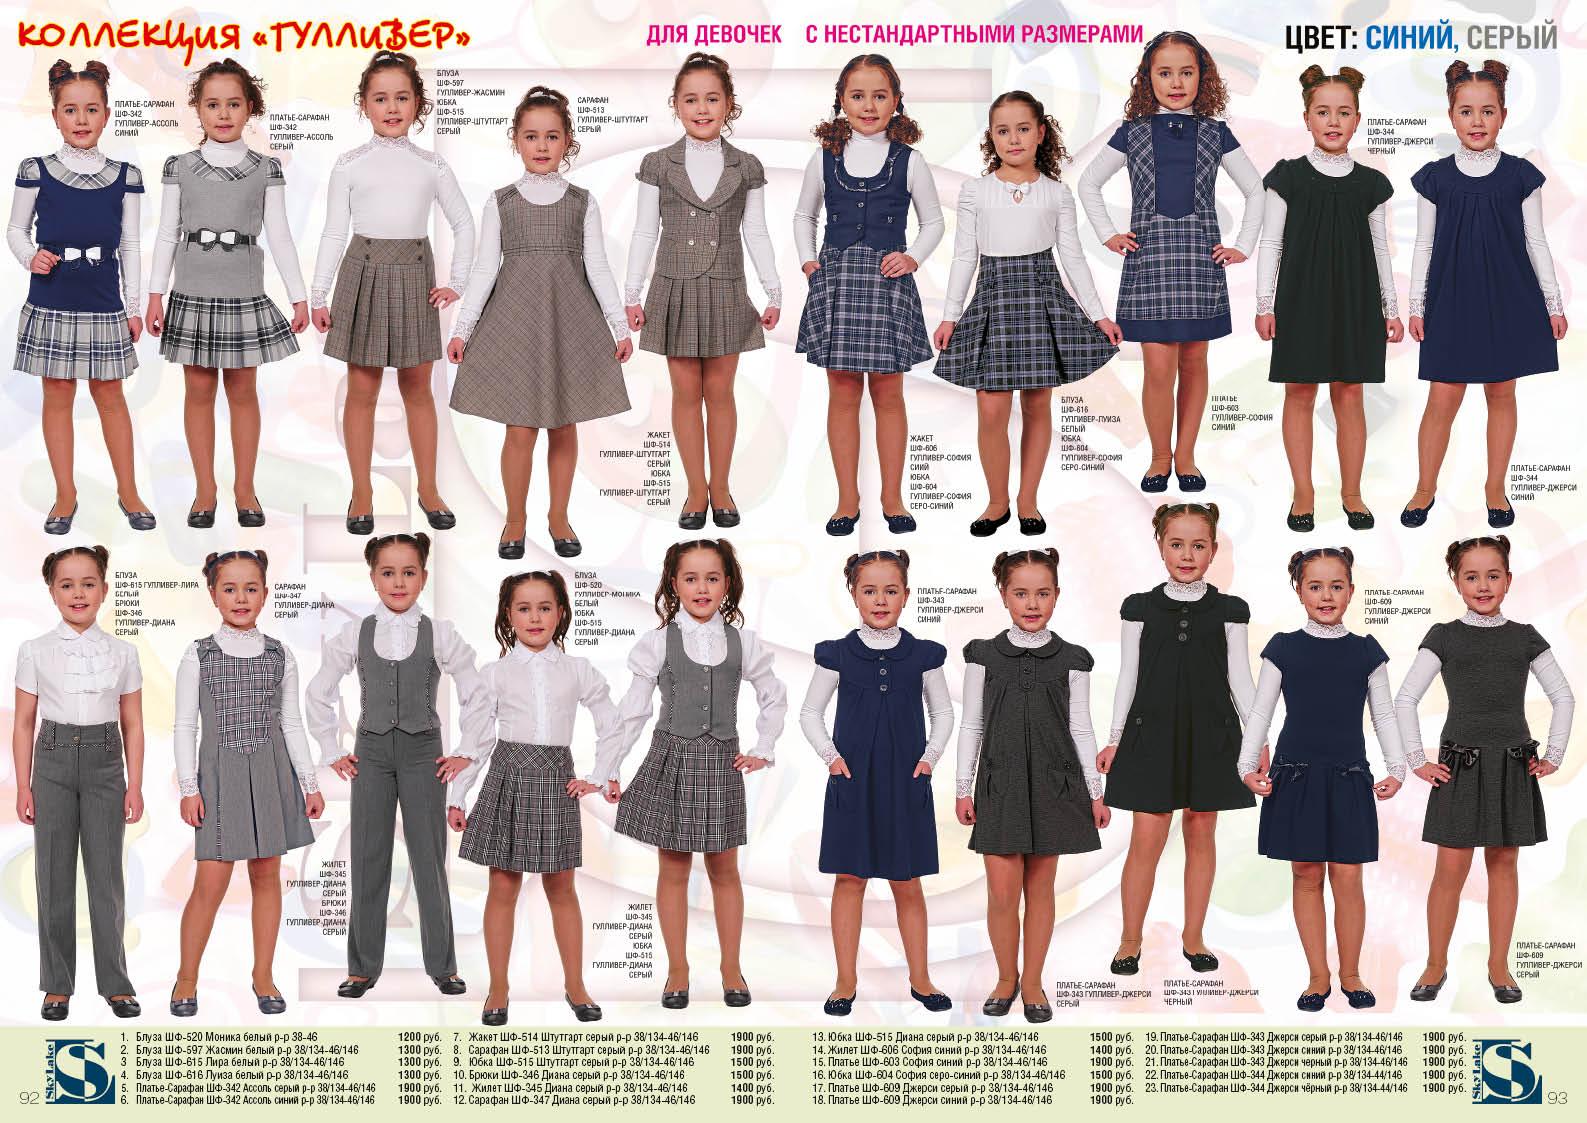 Гулливер Детская Одежда Школа Блузки 2013